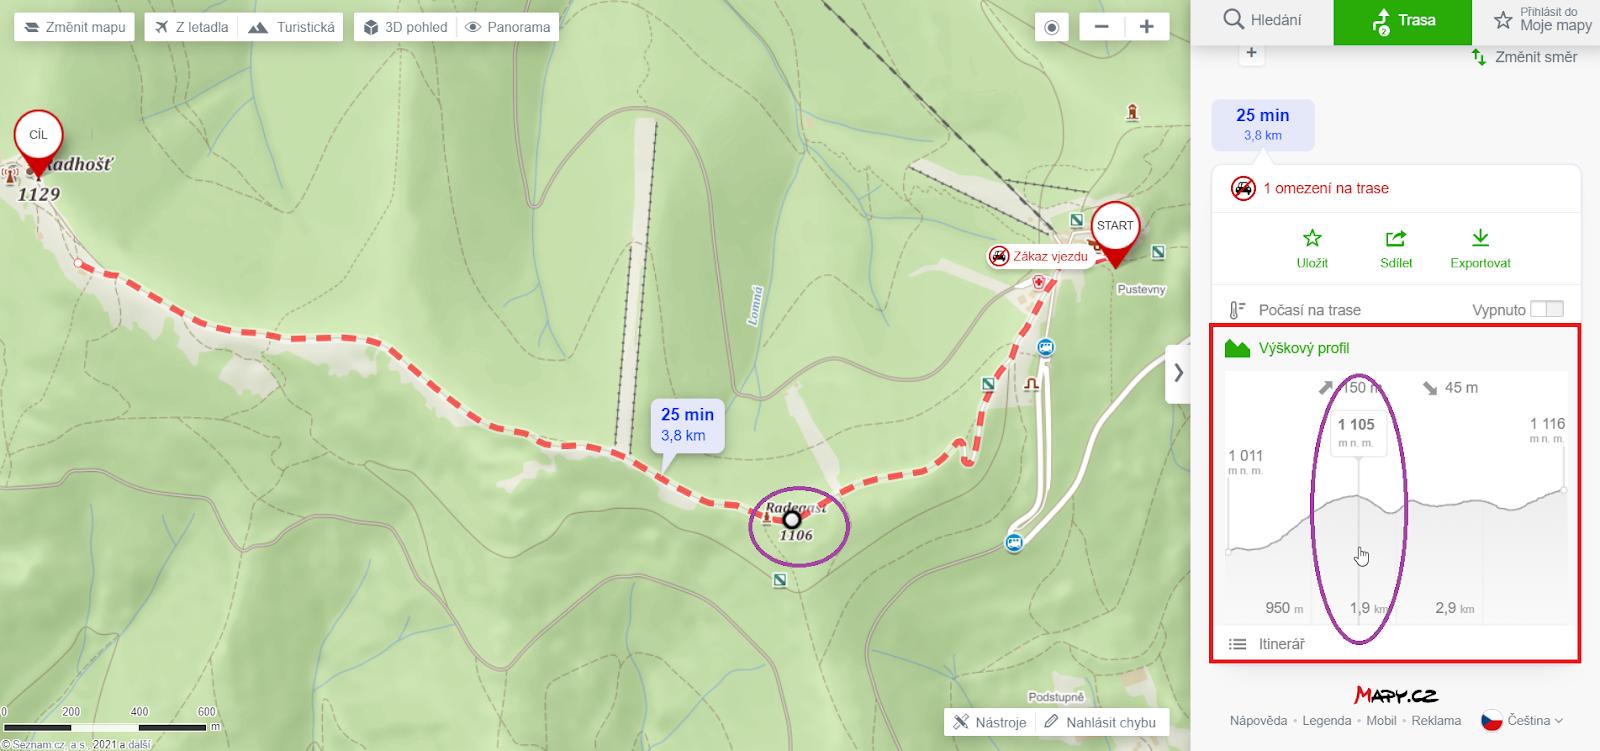 Výškový profil cesty na mapy.cz